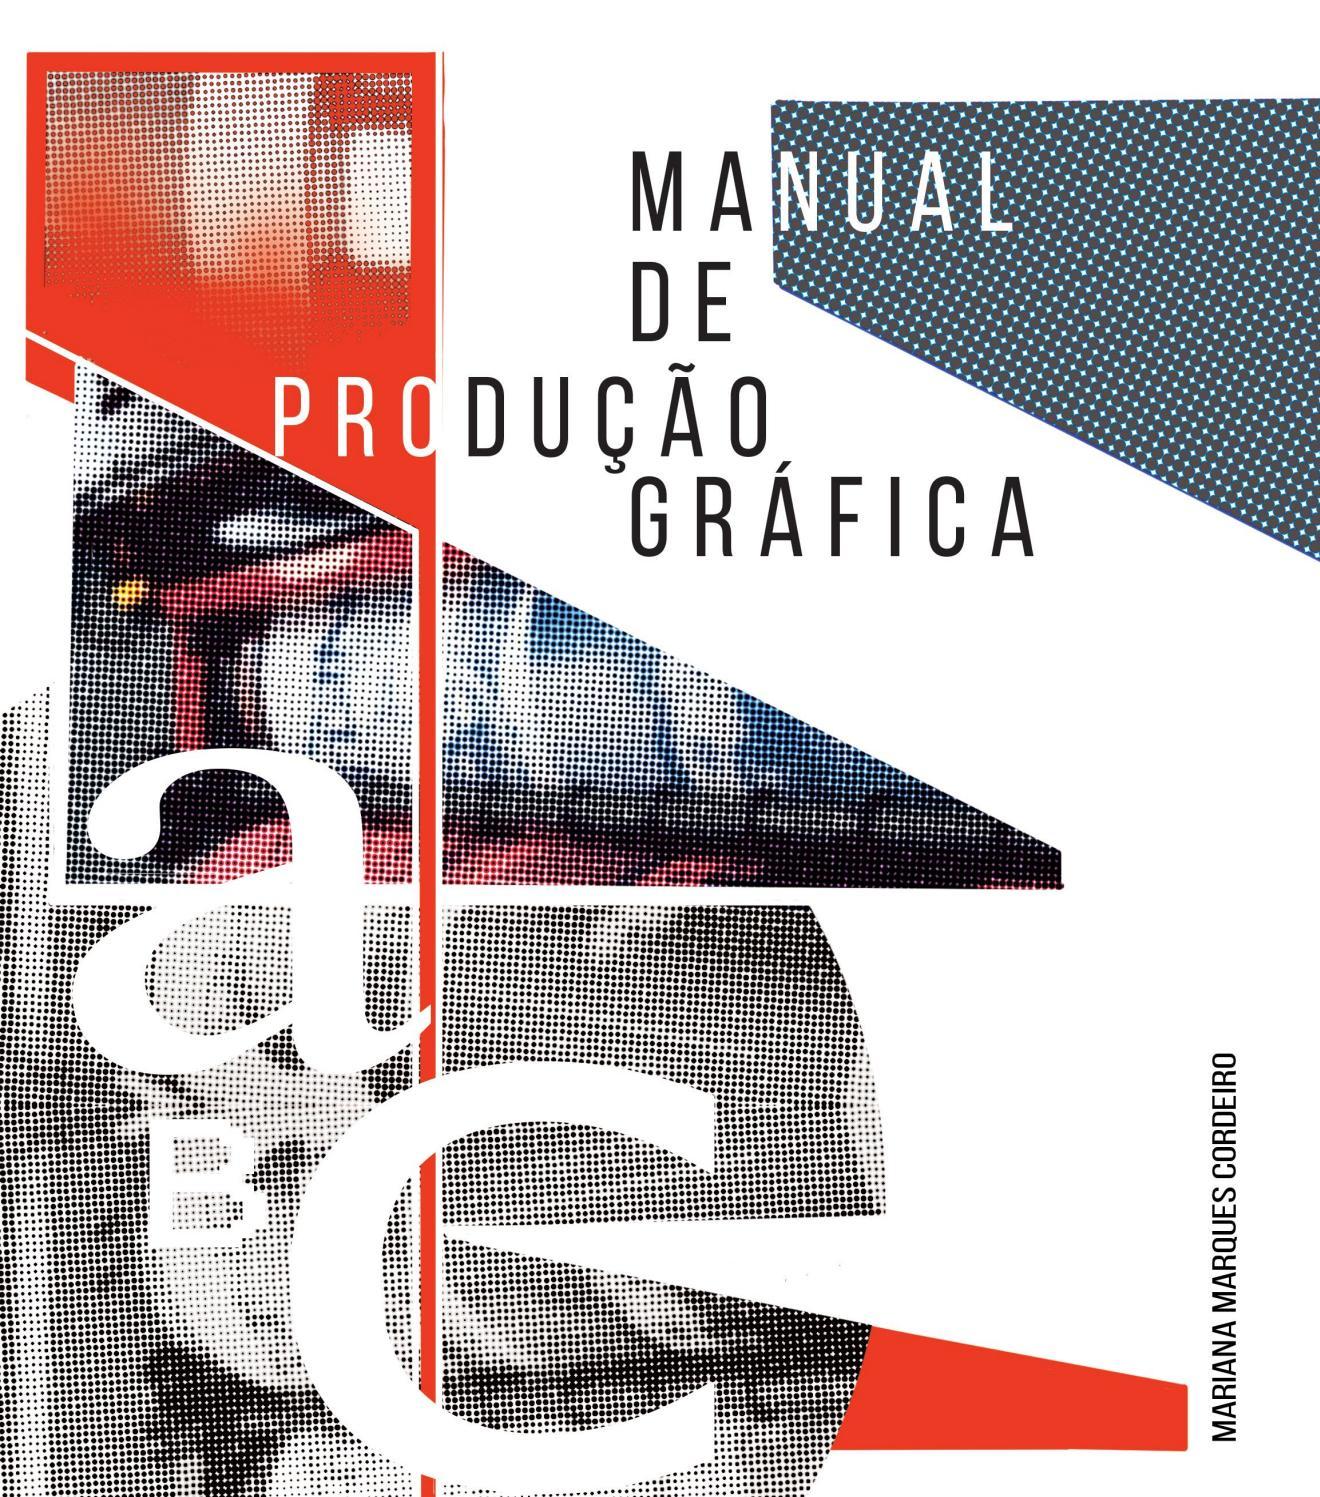 e7f4d3e96fd6 Manual de produção gráfica by Mariana Cordeiro - issuu